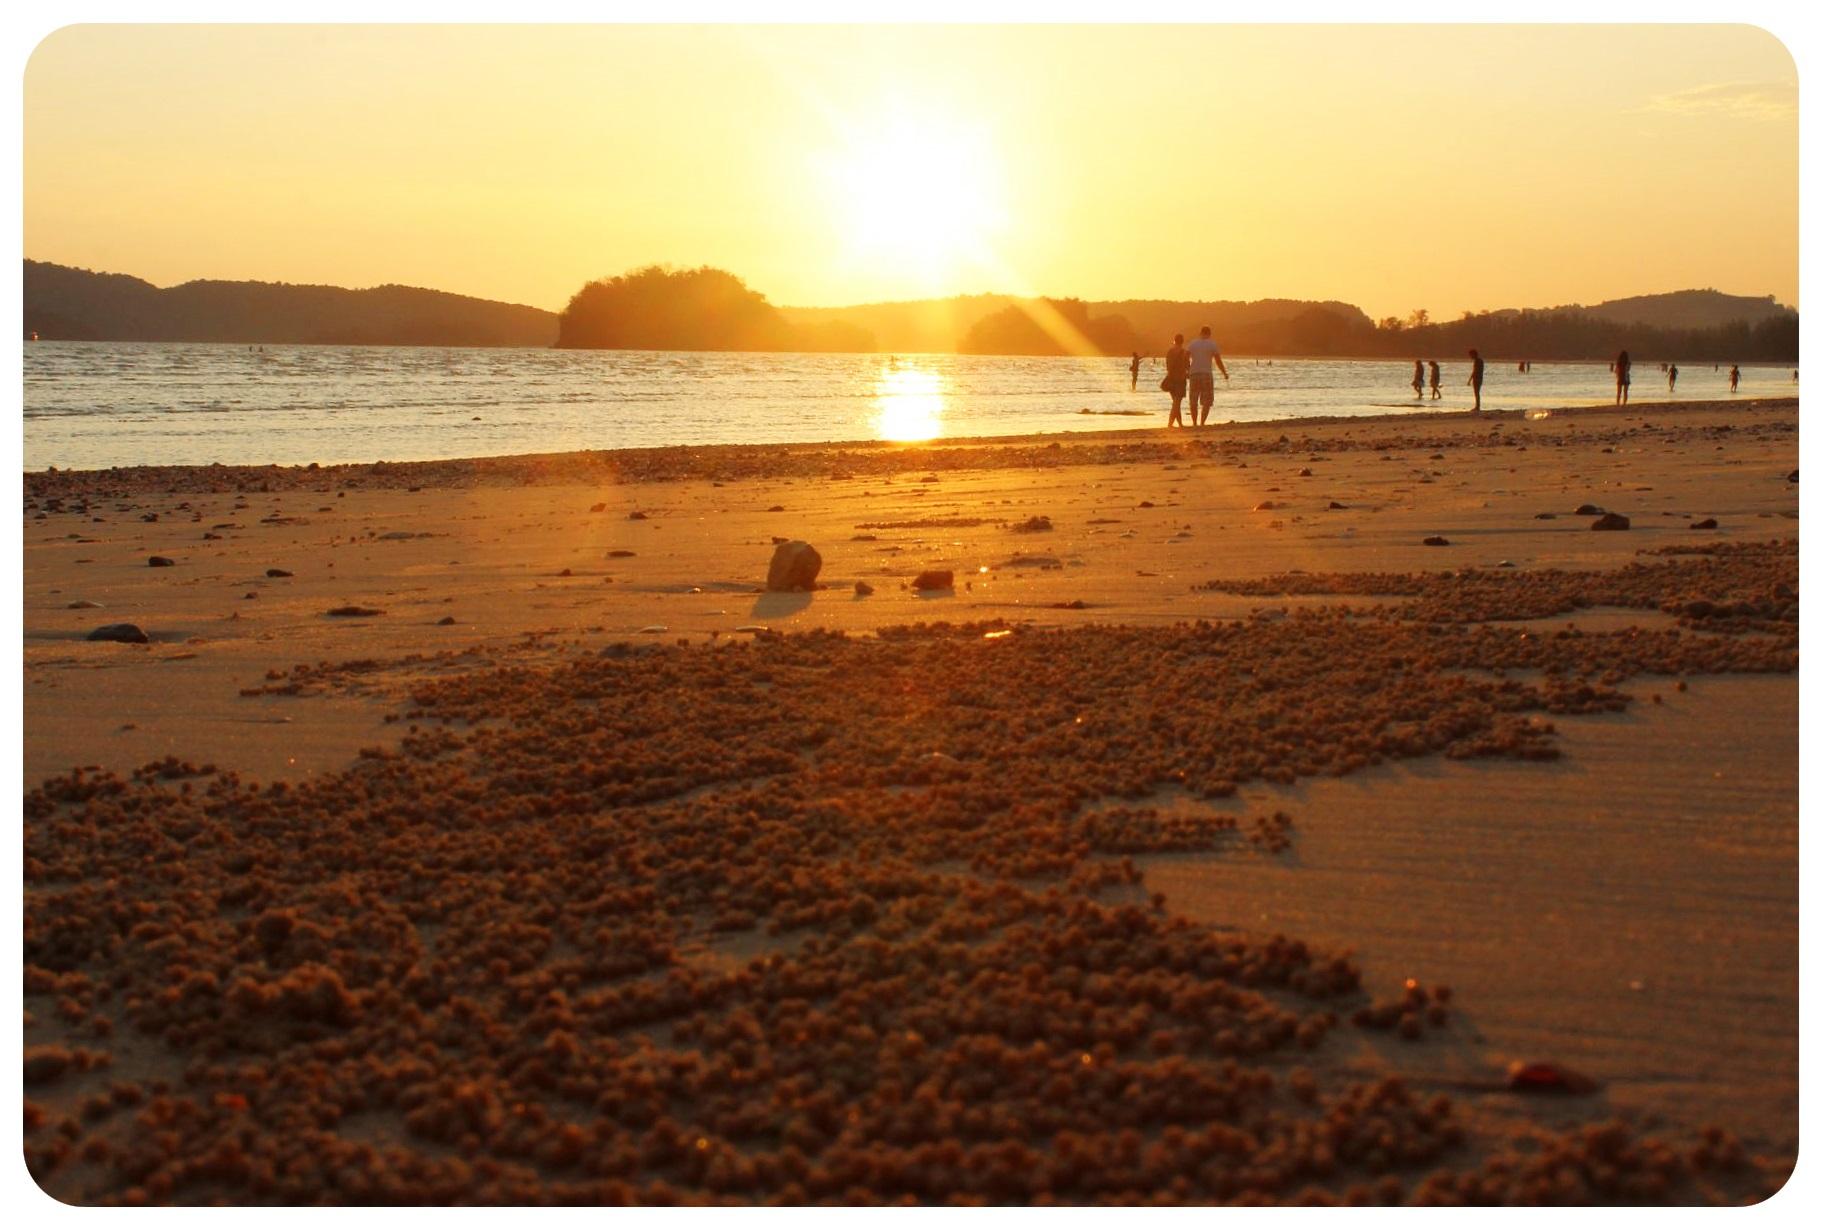 ao nang sunset thailand